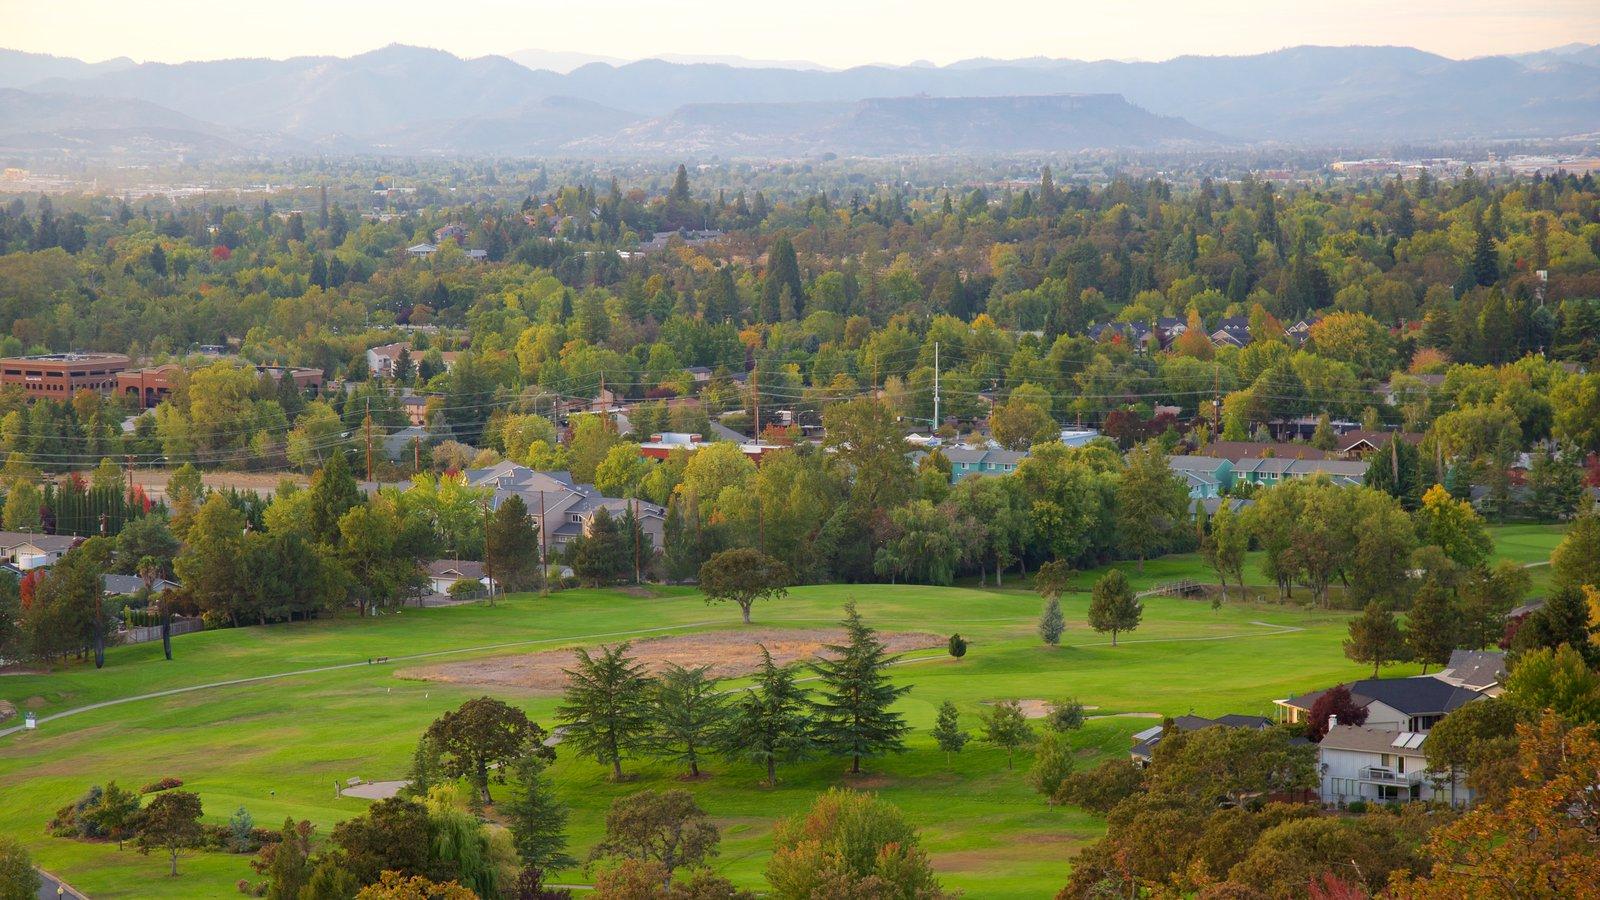 Medford mostrando un jardín y vistas de paisajes